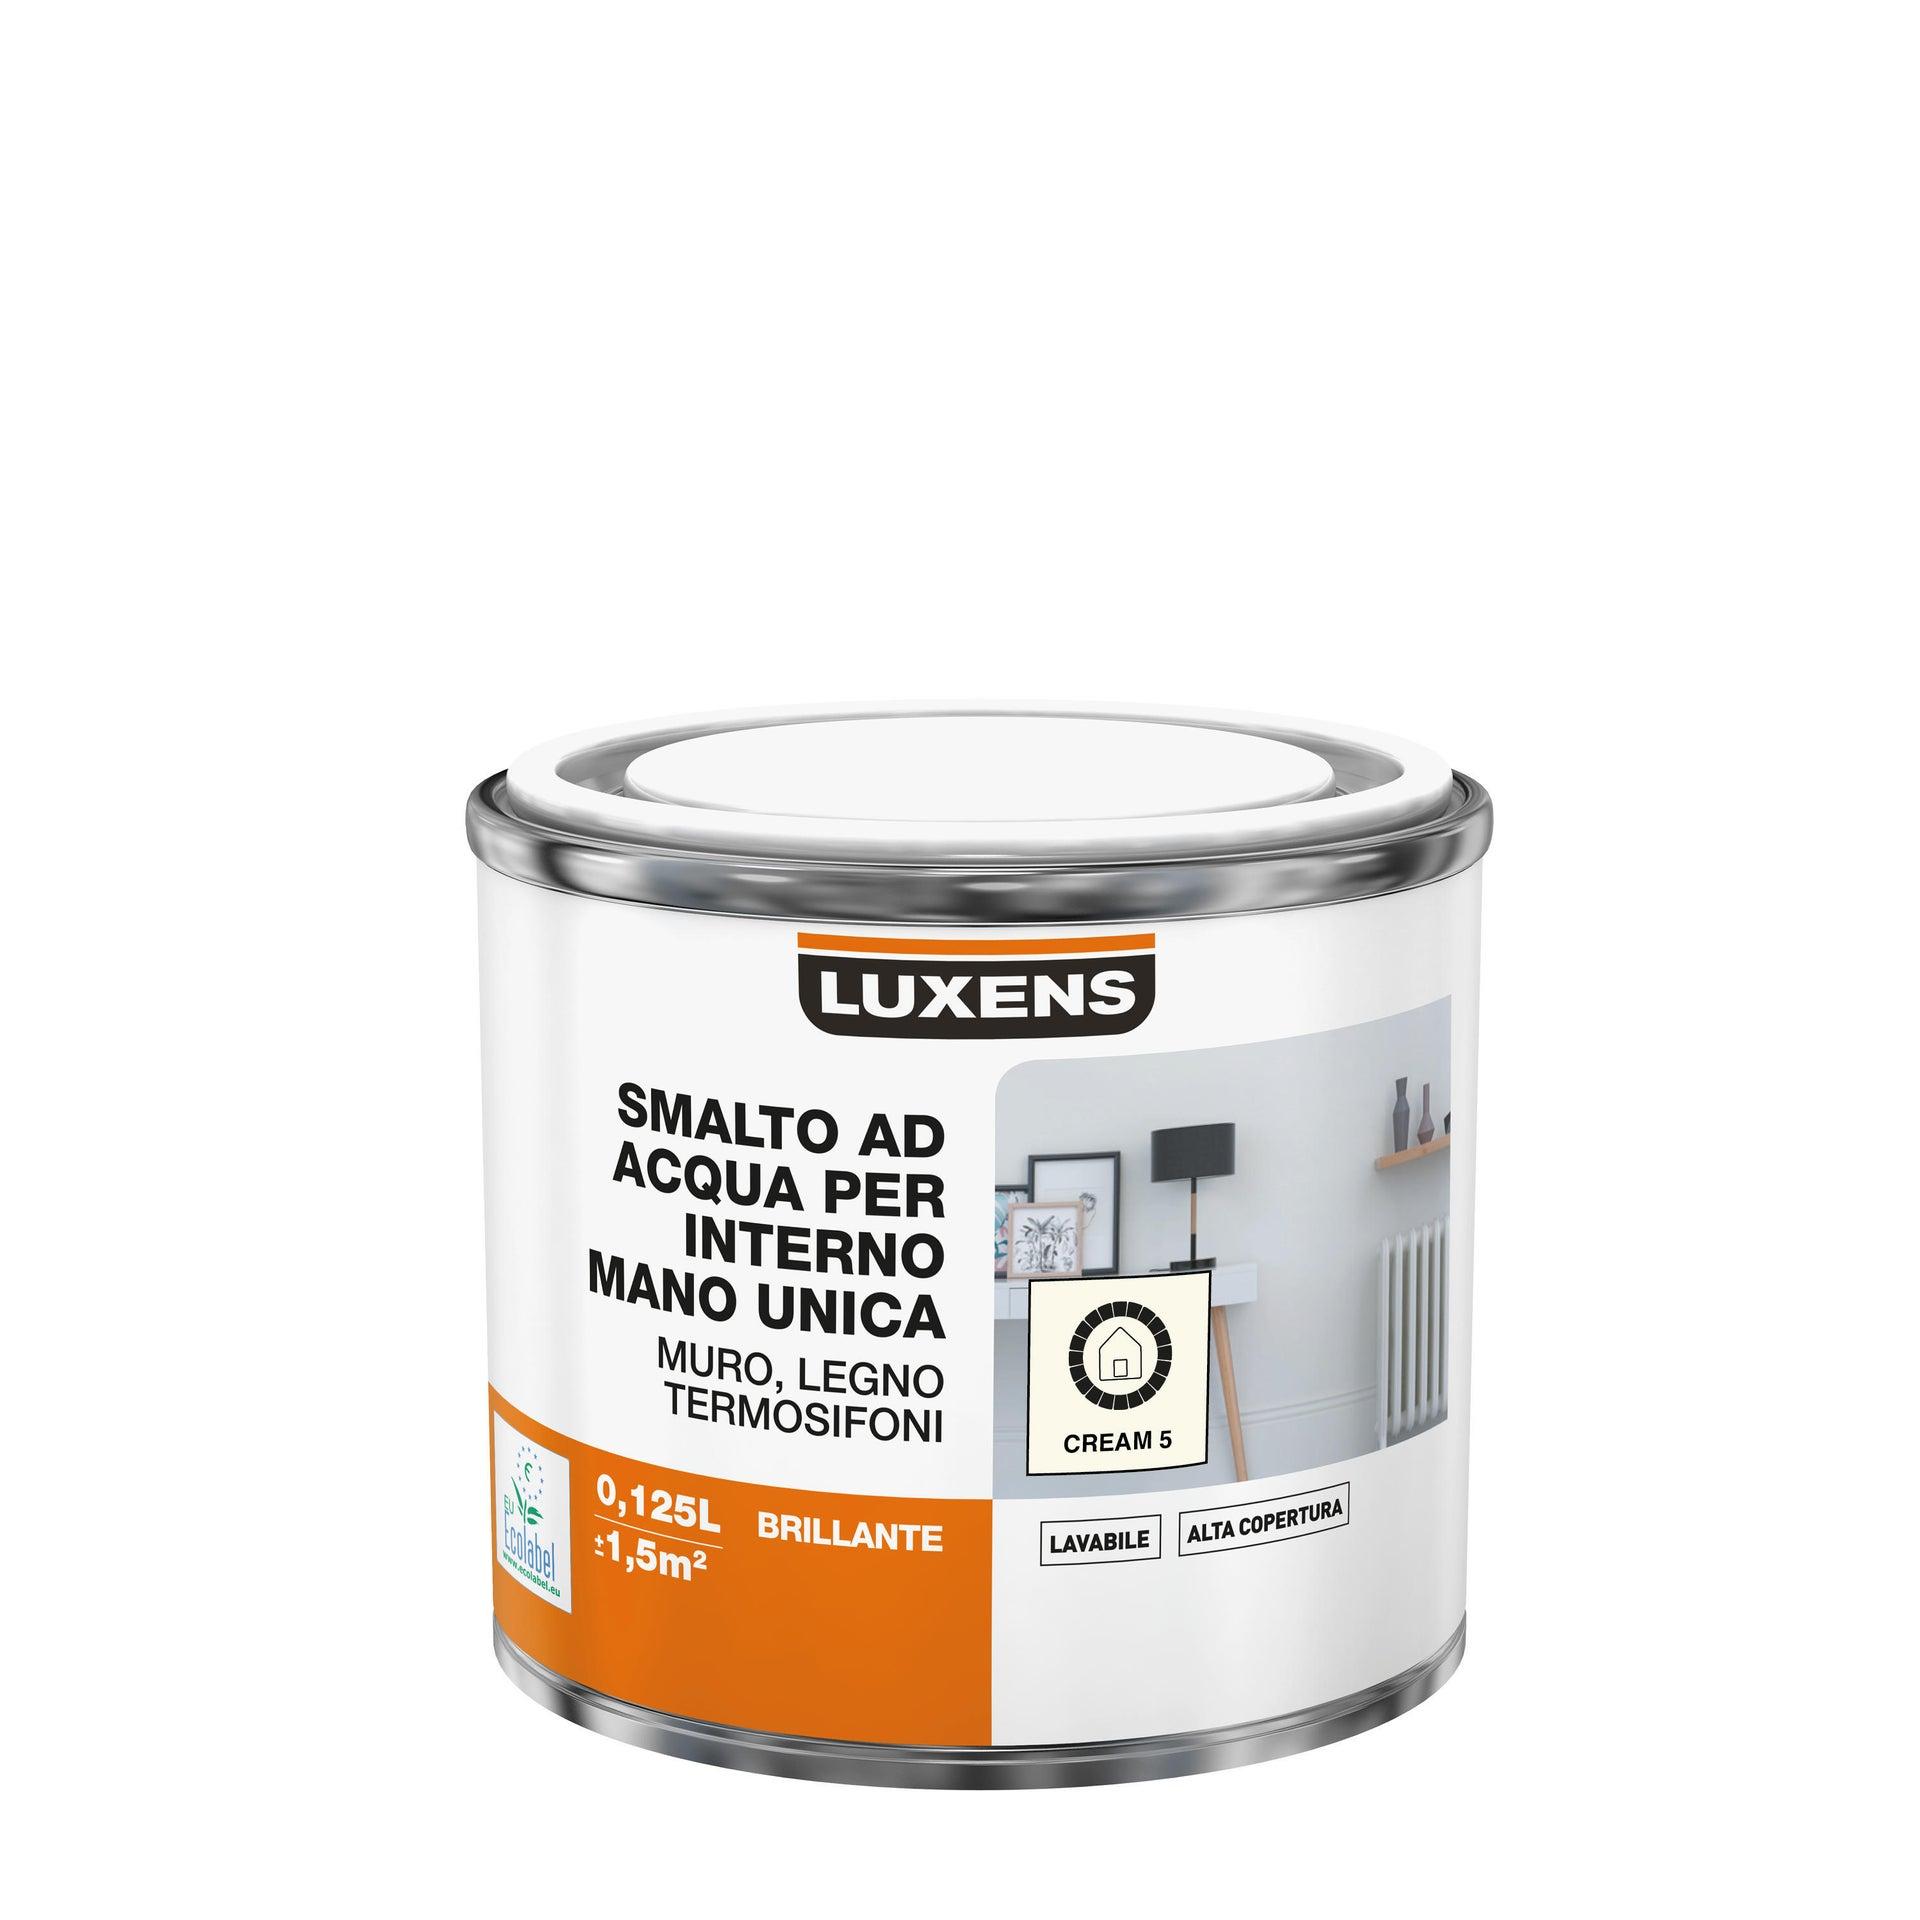 Vernice di finitura LUXENS Manounica base acqua bianco crema 5 lucido 0.125 L - 2